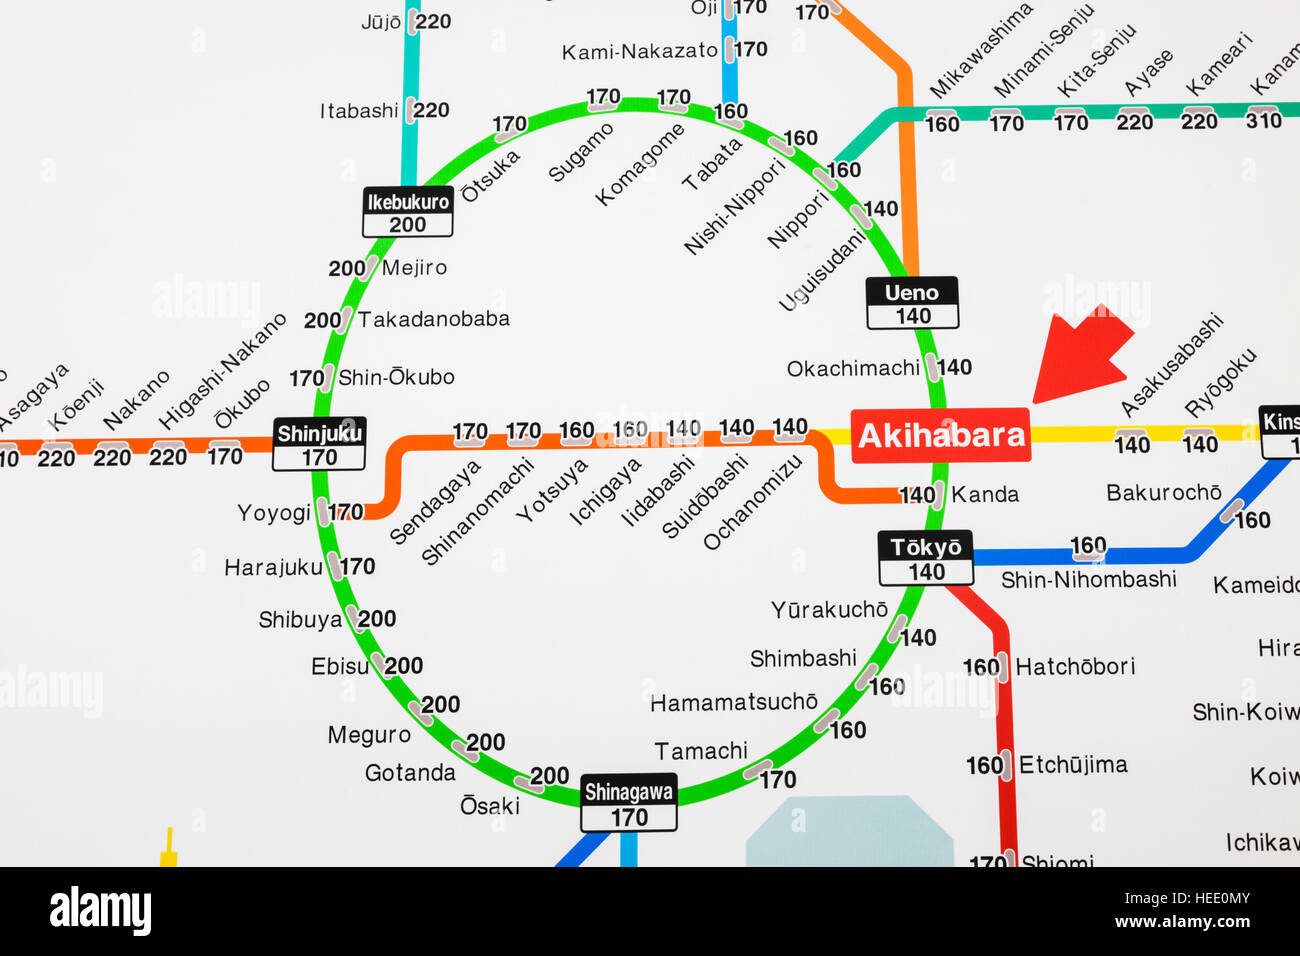 Subway Map For All Of Tokyo English.Japan Honshu Tokyo Akihabara Station Train Network Map Showing